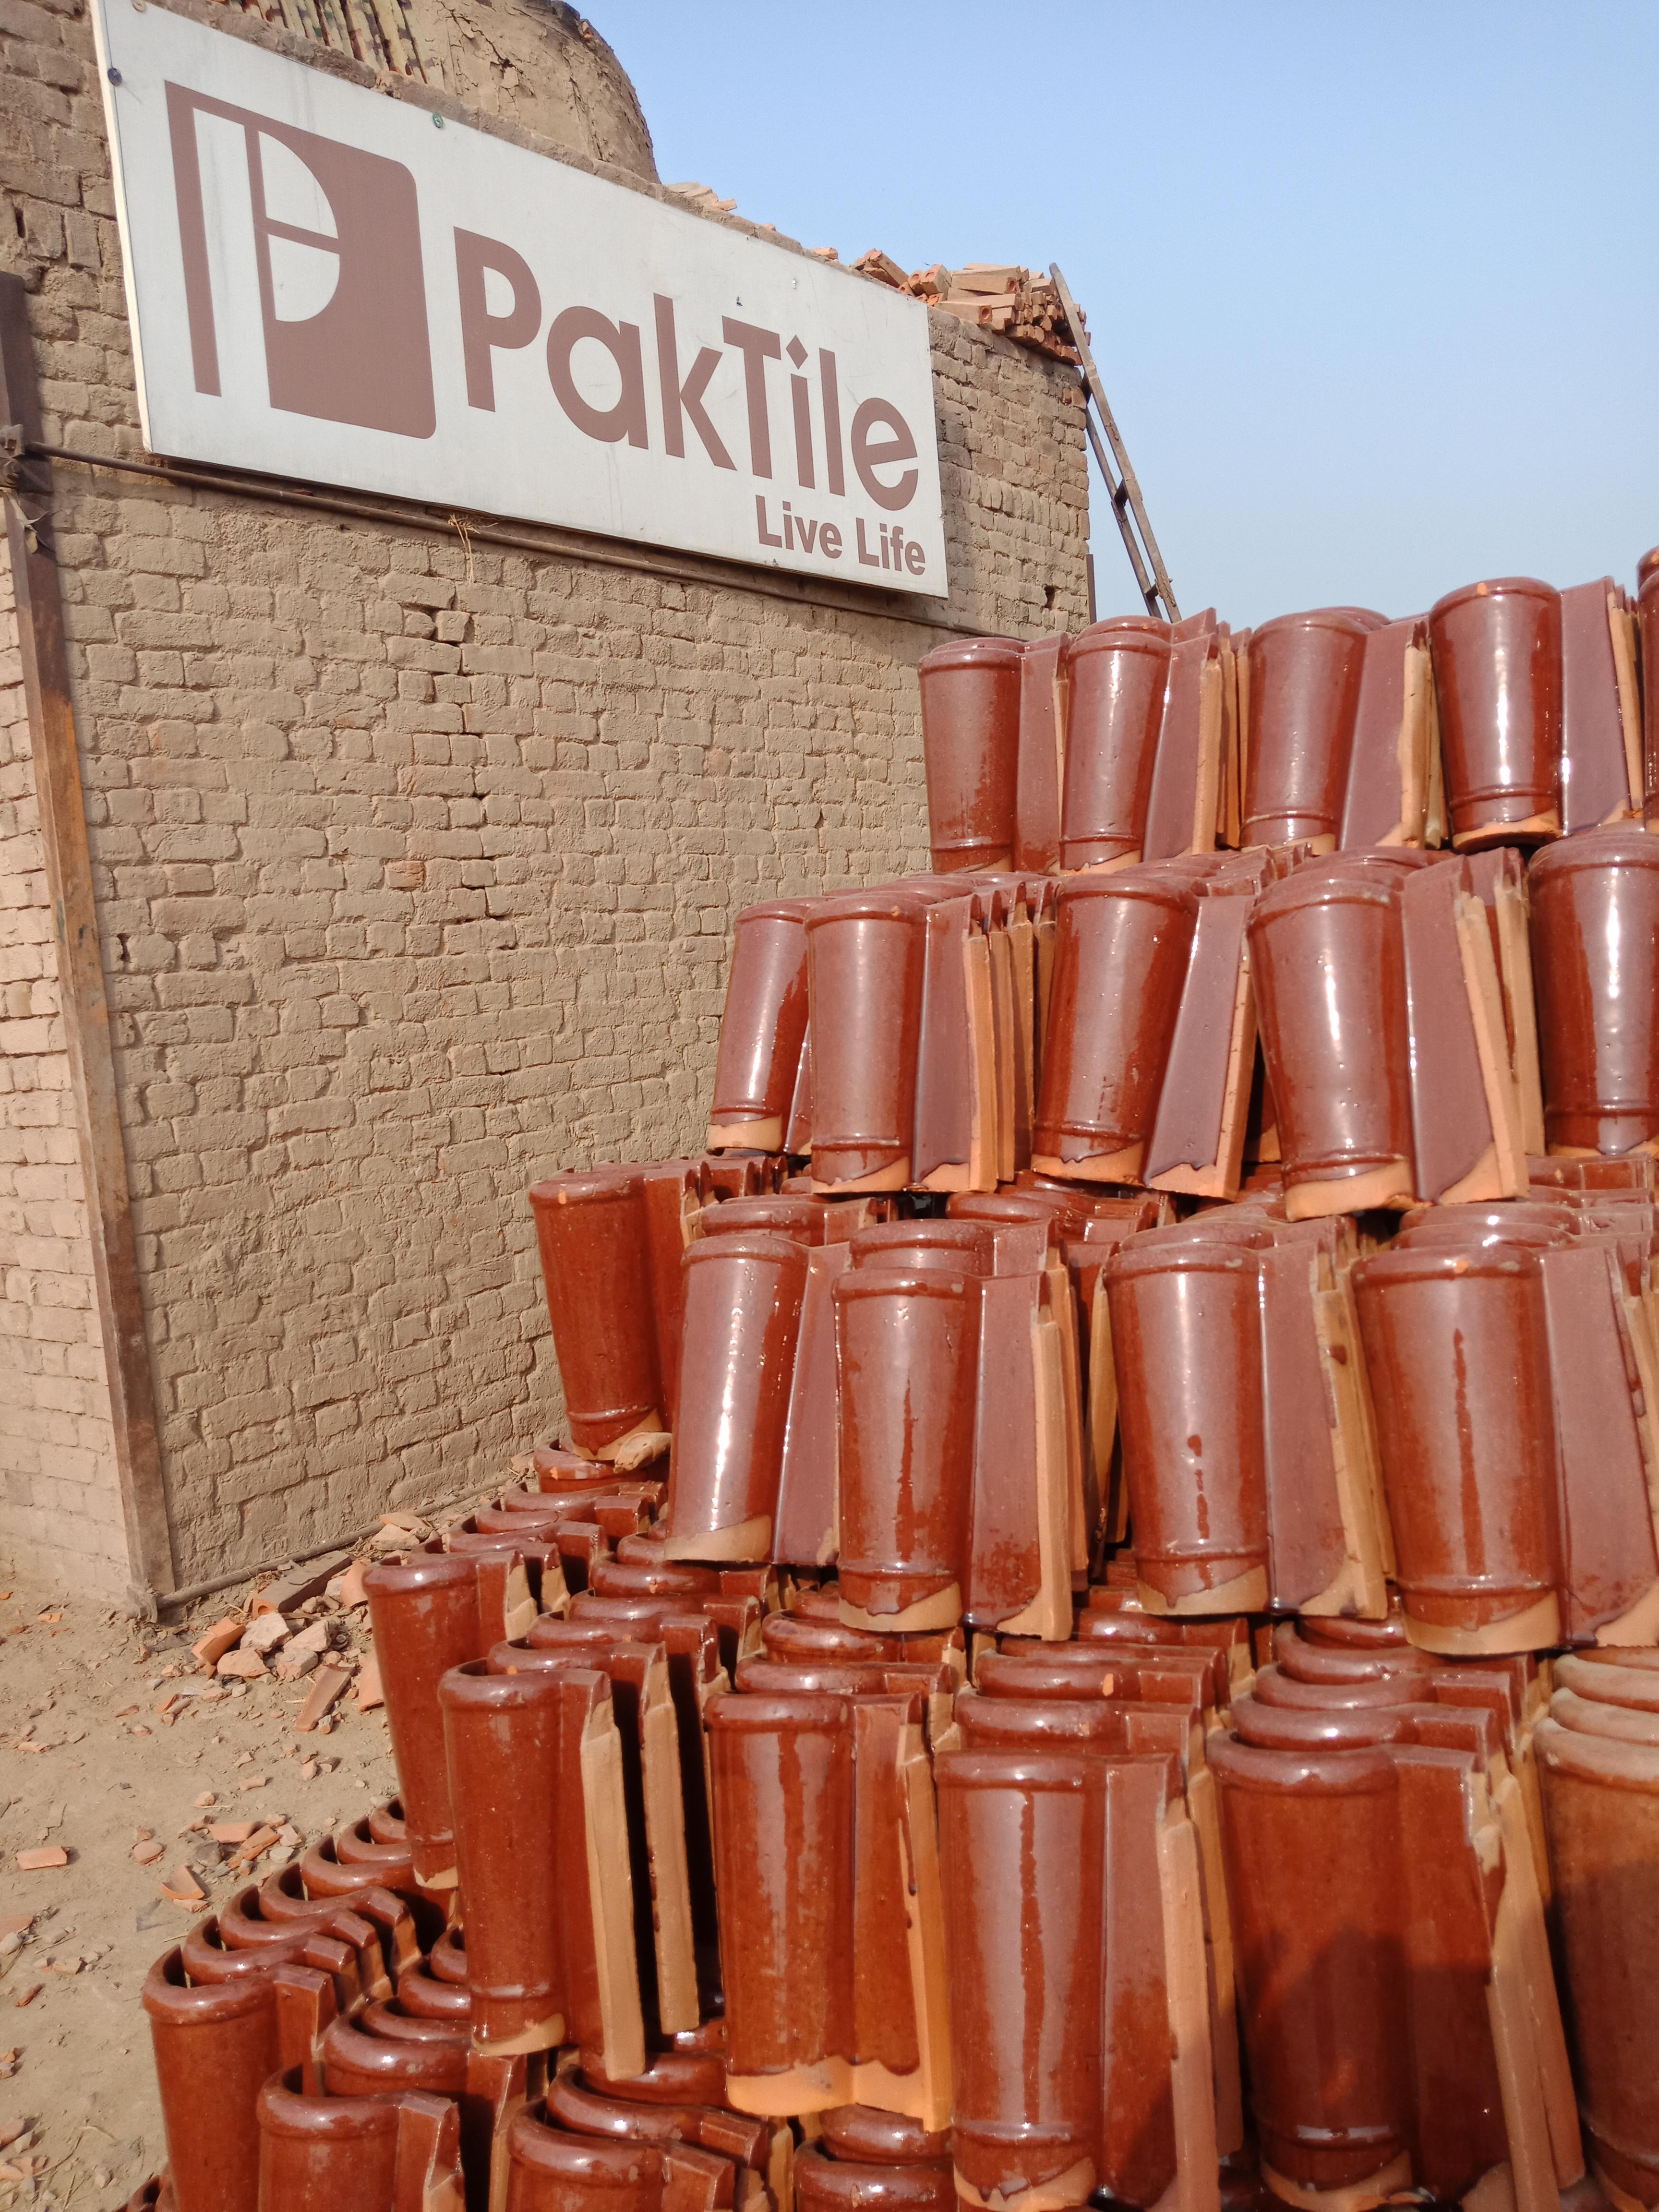 2 Khaprail Tiles Manufacturer in Pakistan Khaprail Tiles House Design Images.